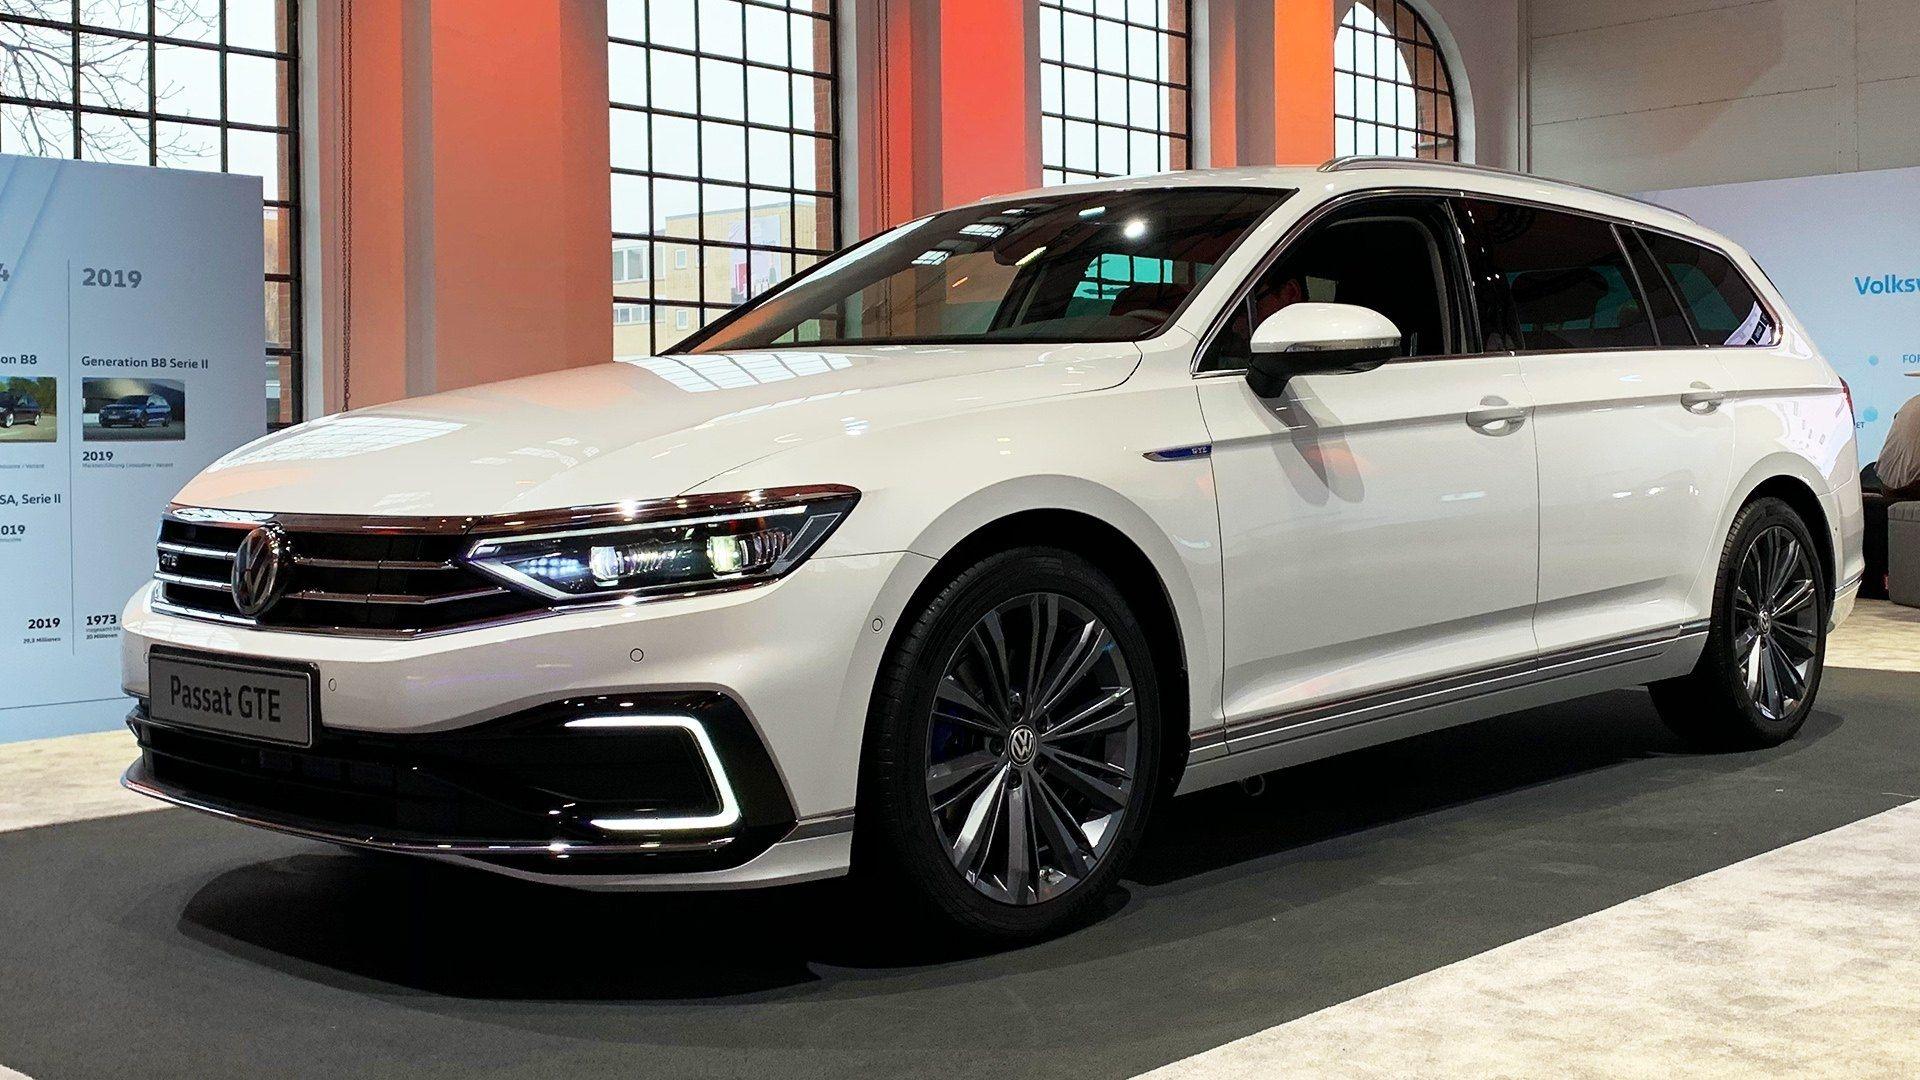 Top Vw Passat 2020 Ratings Vw Passat Upcoming Cars Volkswagen